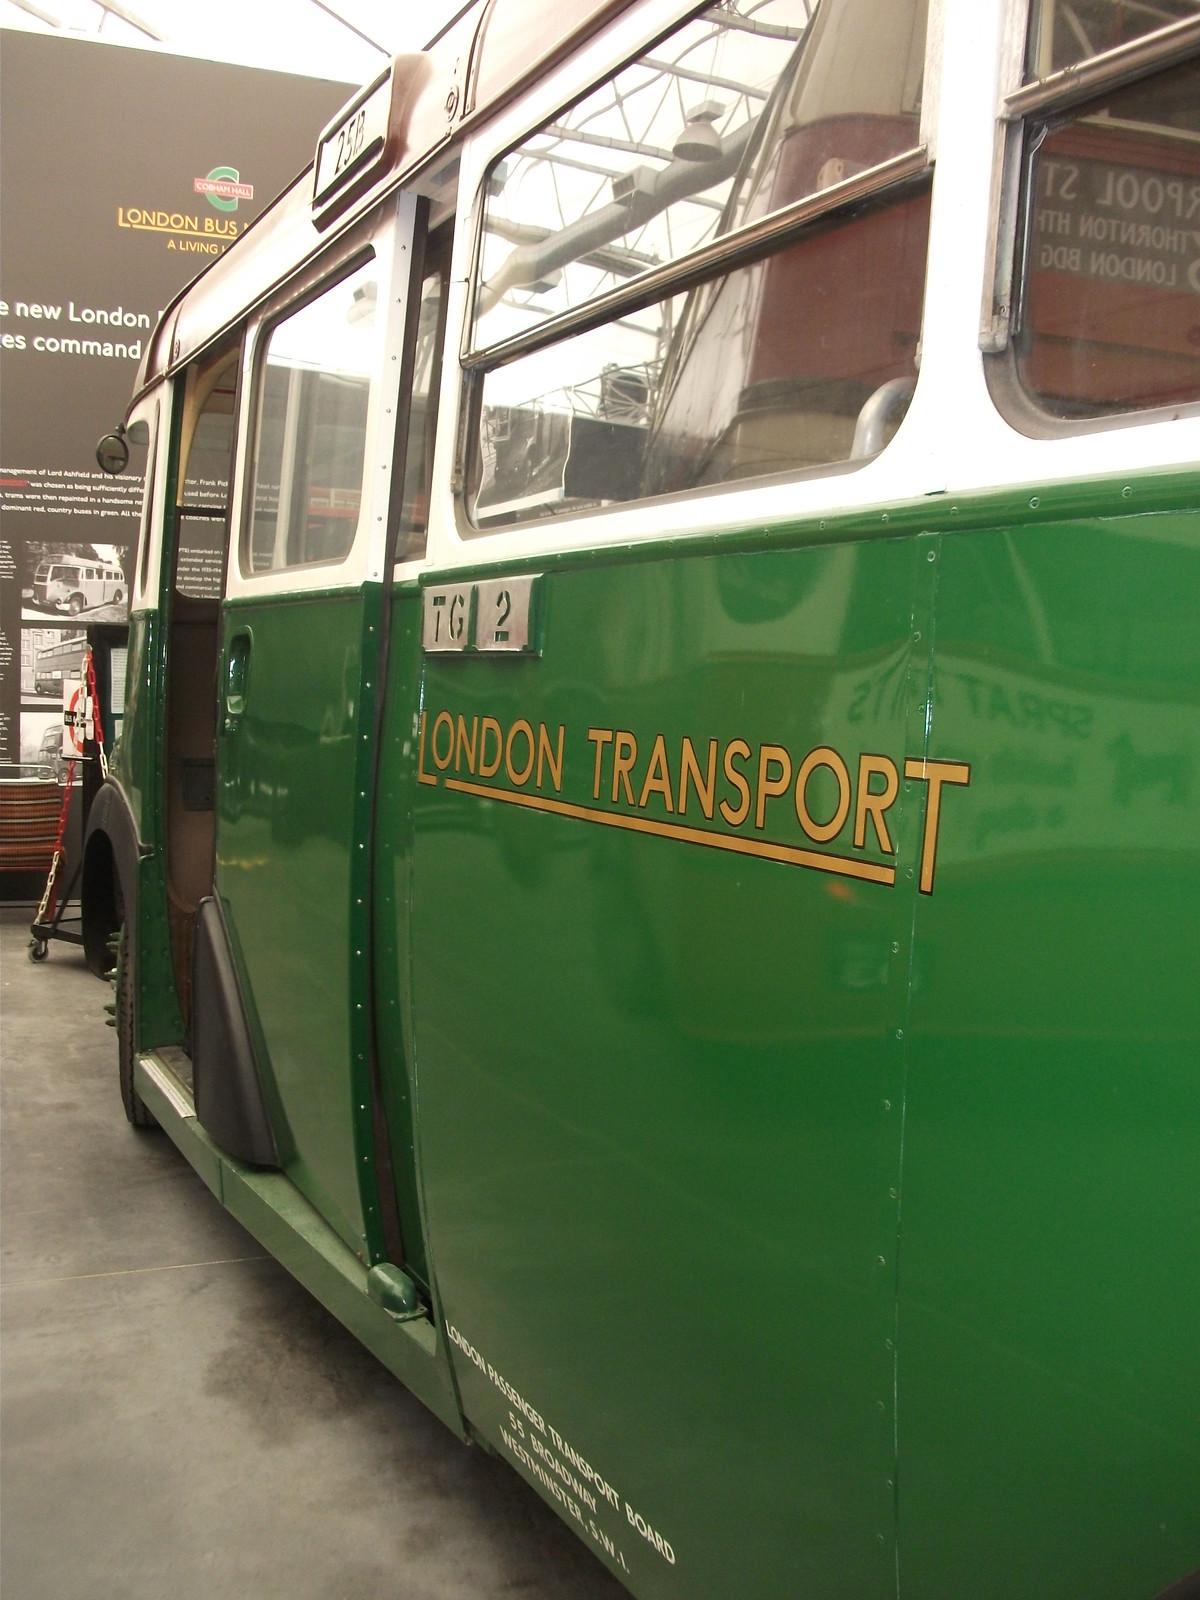 London transport CR16 close, Fujifilm FinePix AV130